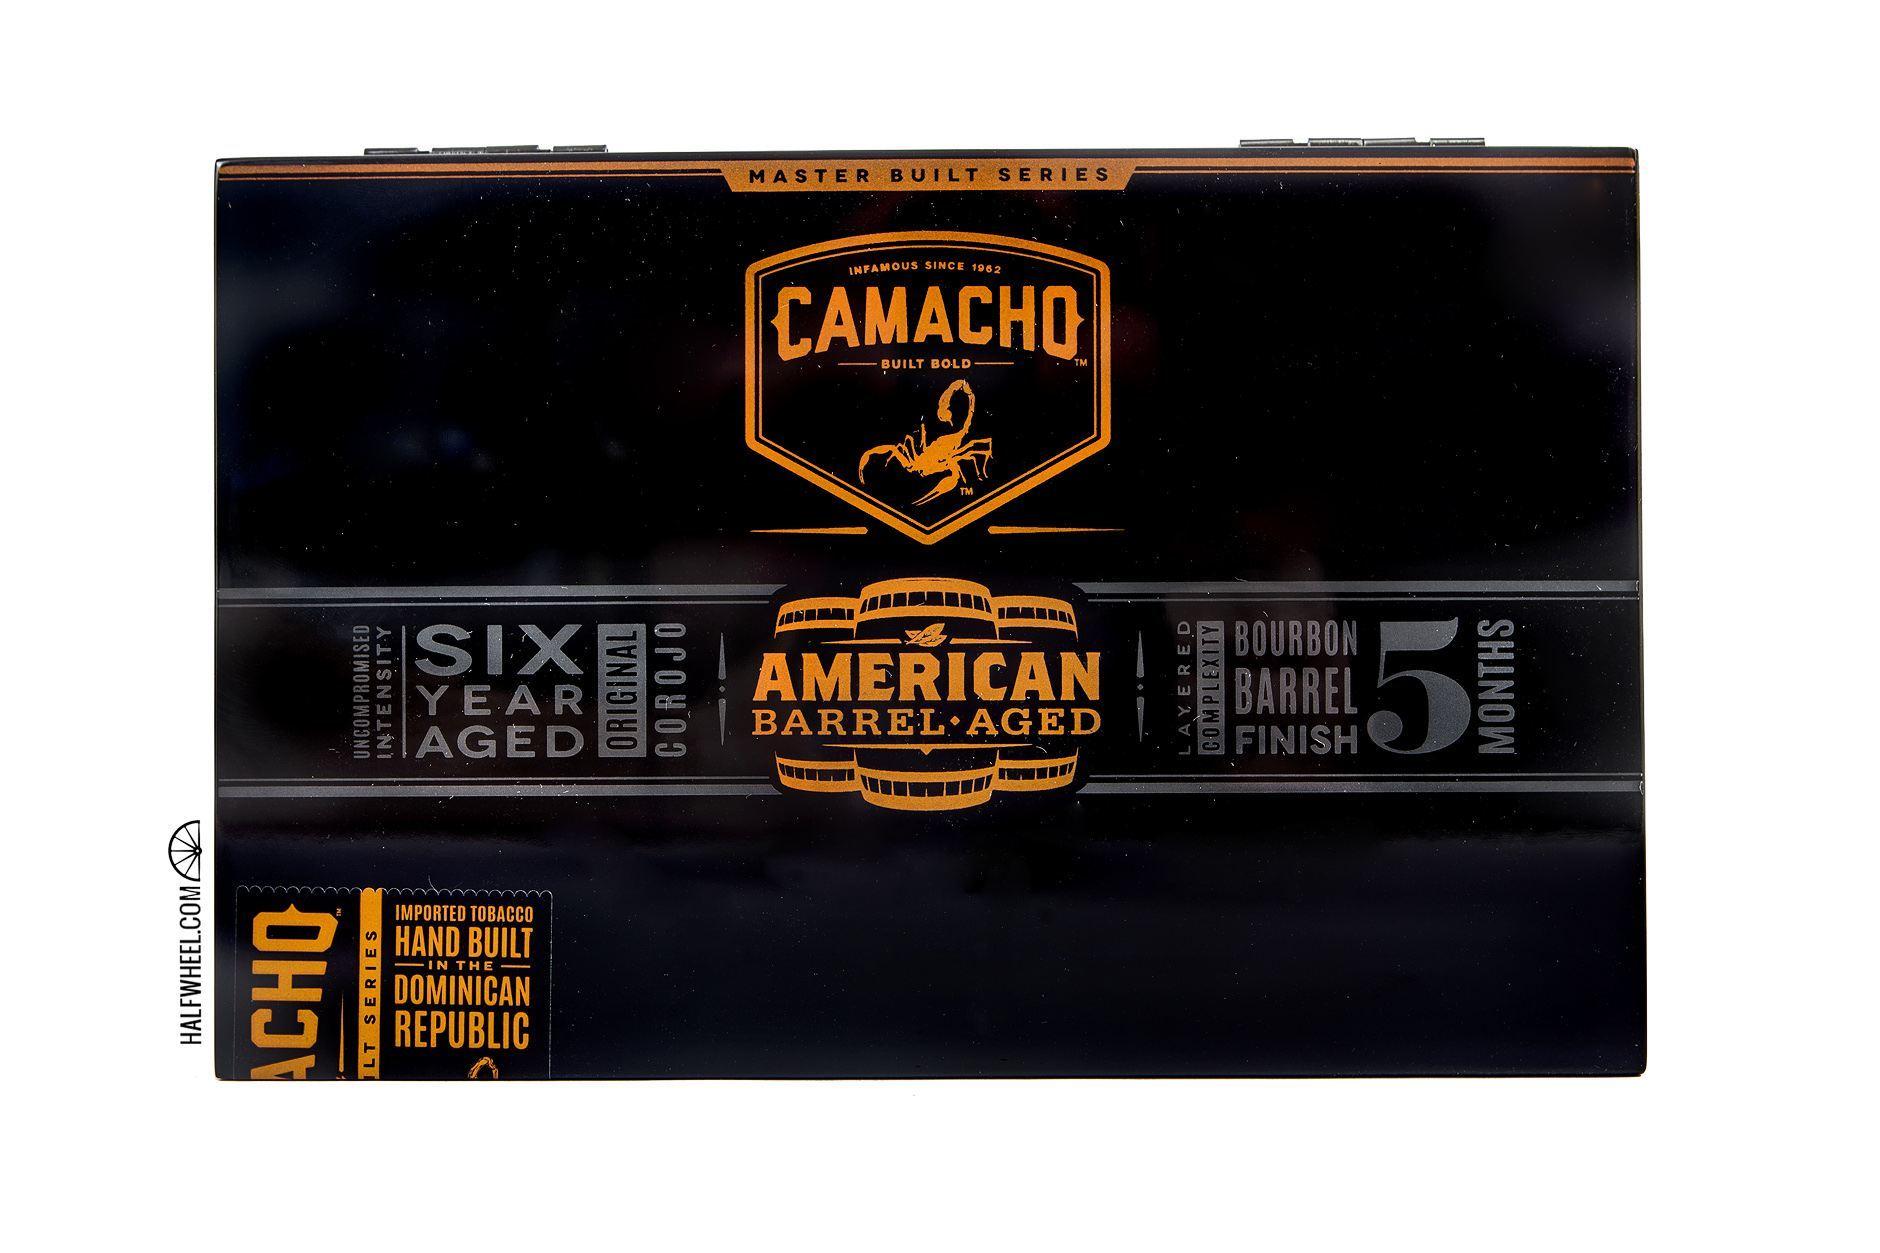 Camacho American Barrel-Aged Toro Box 1